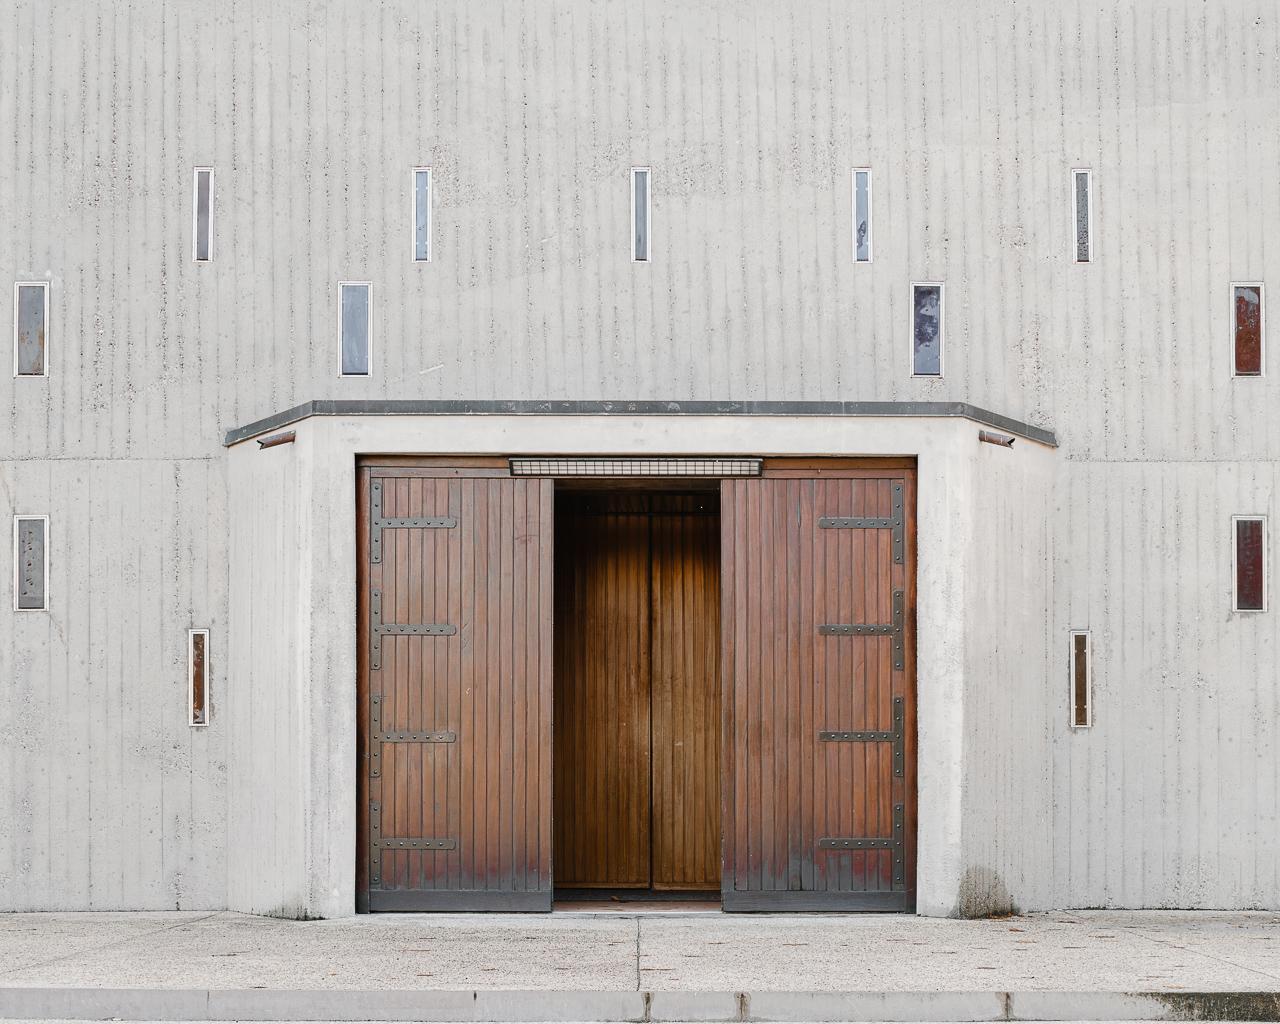 Chiesa di San Giovanni Bono Milano architetto Arrigo Arrighetti, Niccolò Vonci 2020